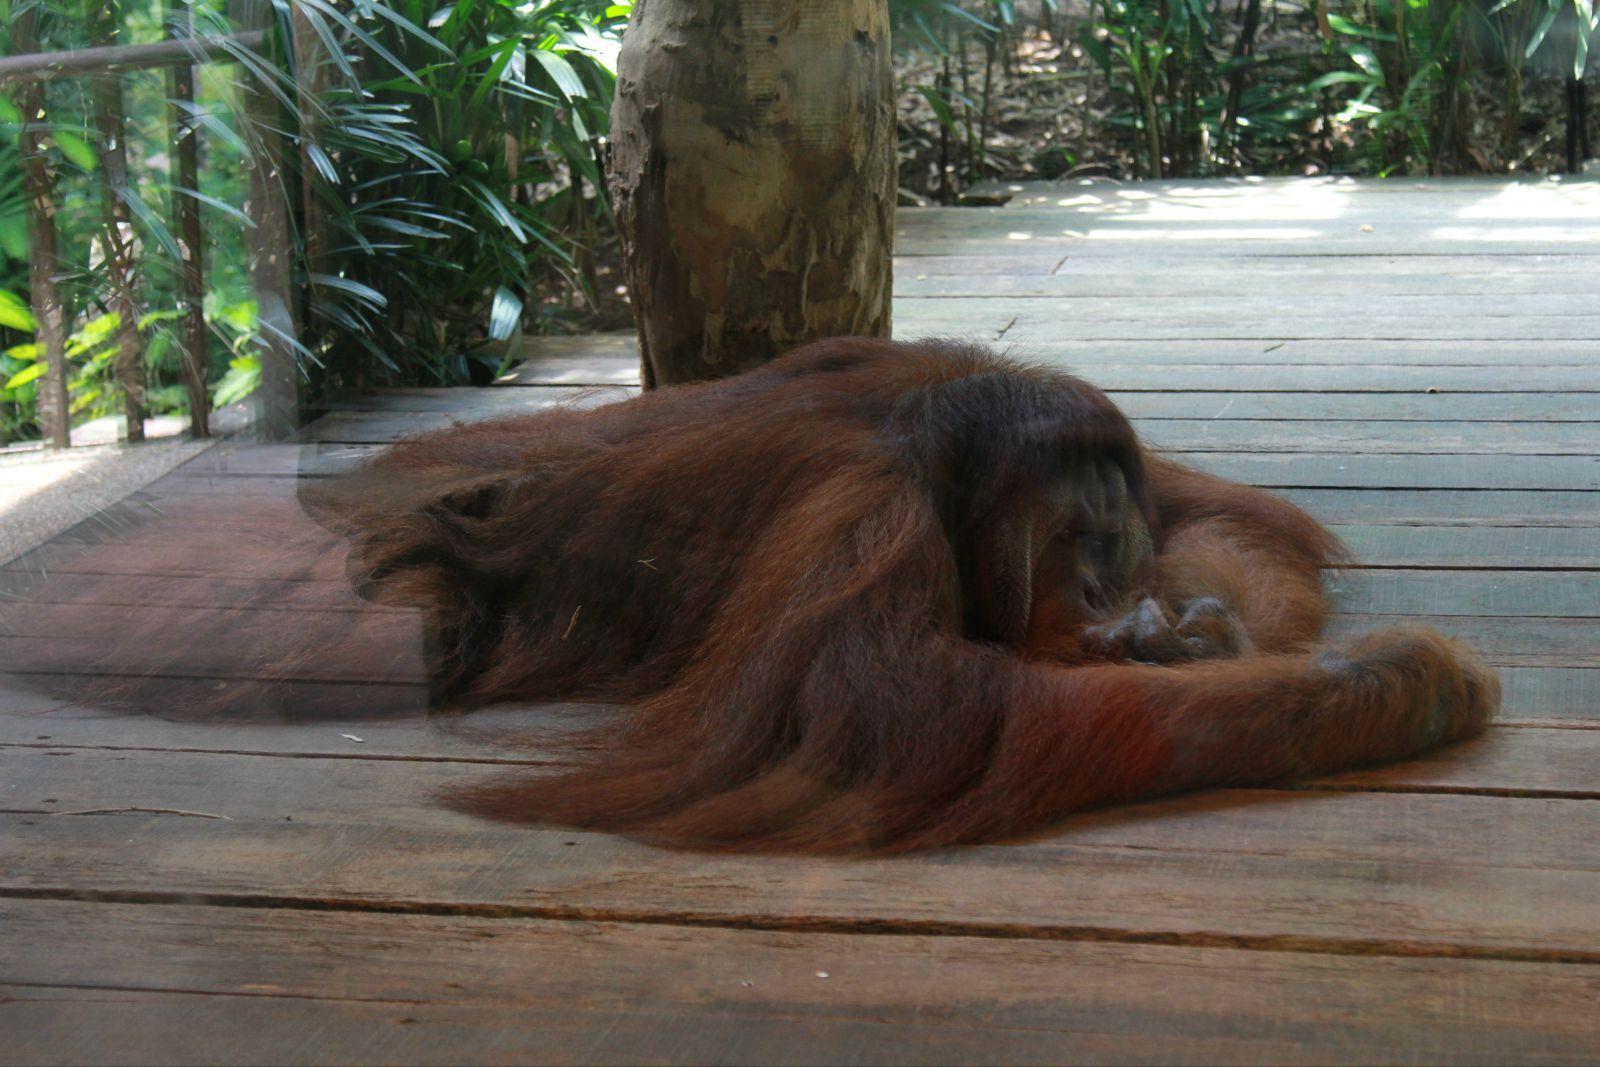 室外区是高高的大树,人类在树下仰着脸看红毛猩猩们在头上演杂技.